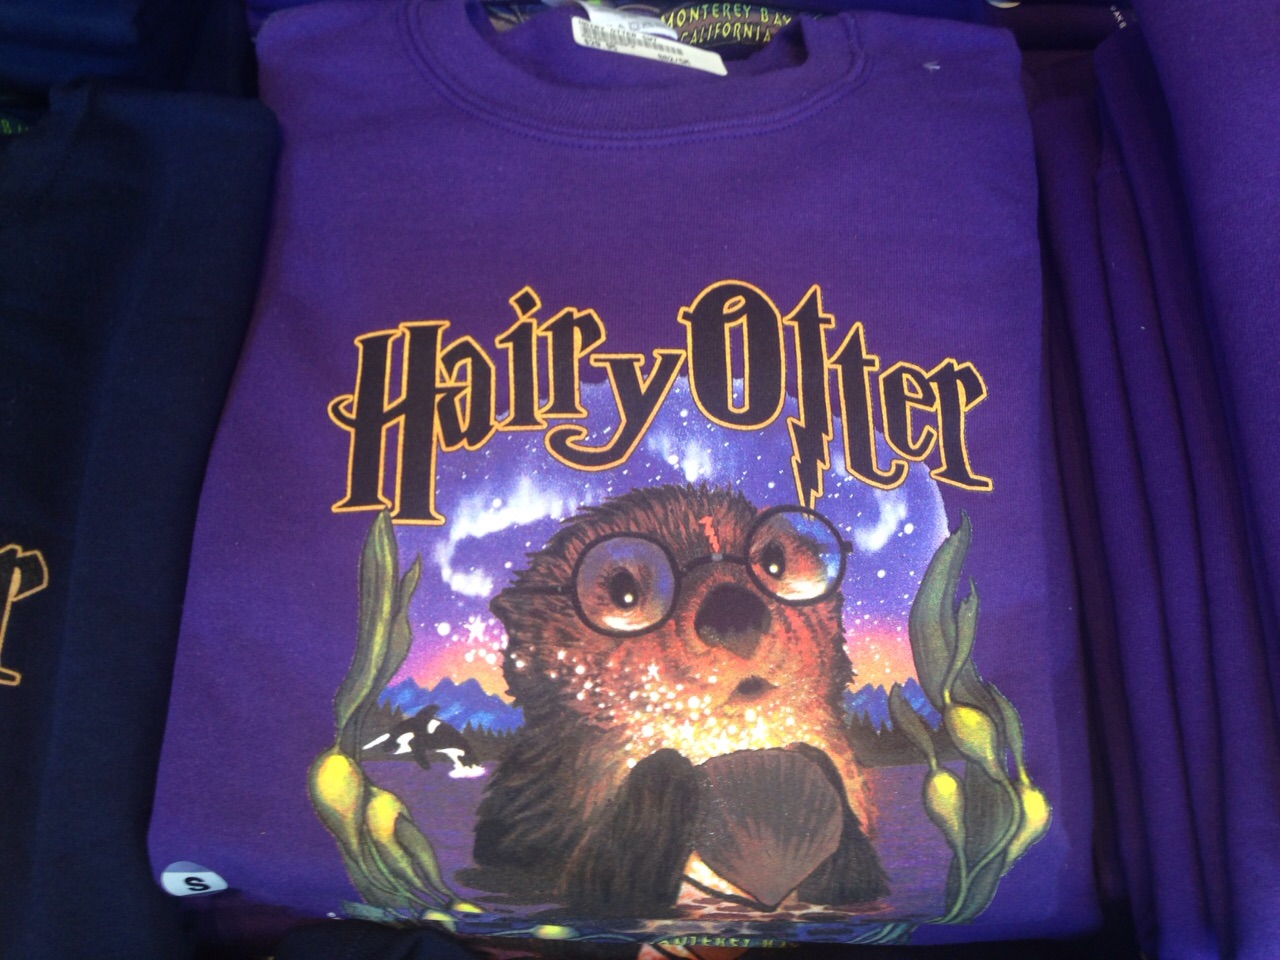 """In Monterey wohnt der """"Hairy Otter""""! Jegliche Ähnlichkeit zu """"Ott"""" ist rein zufällig"""